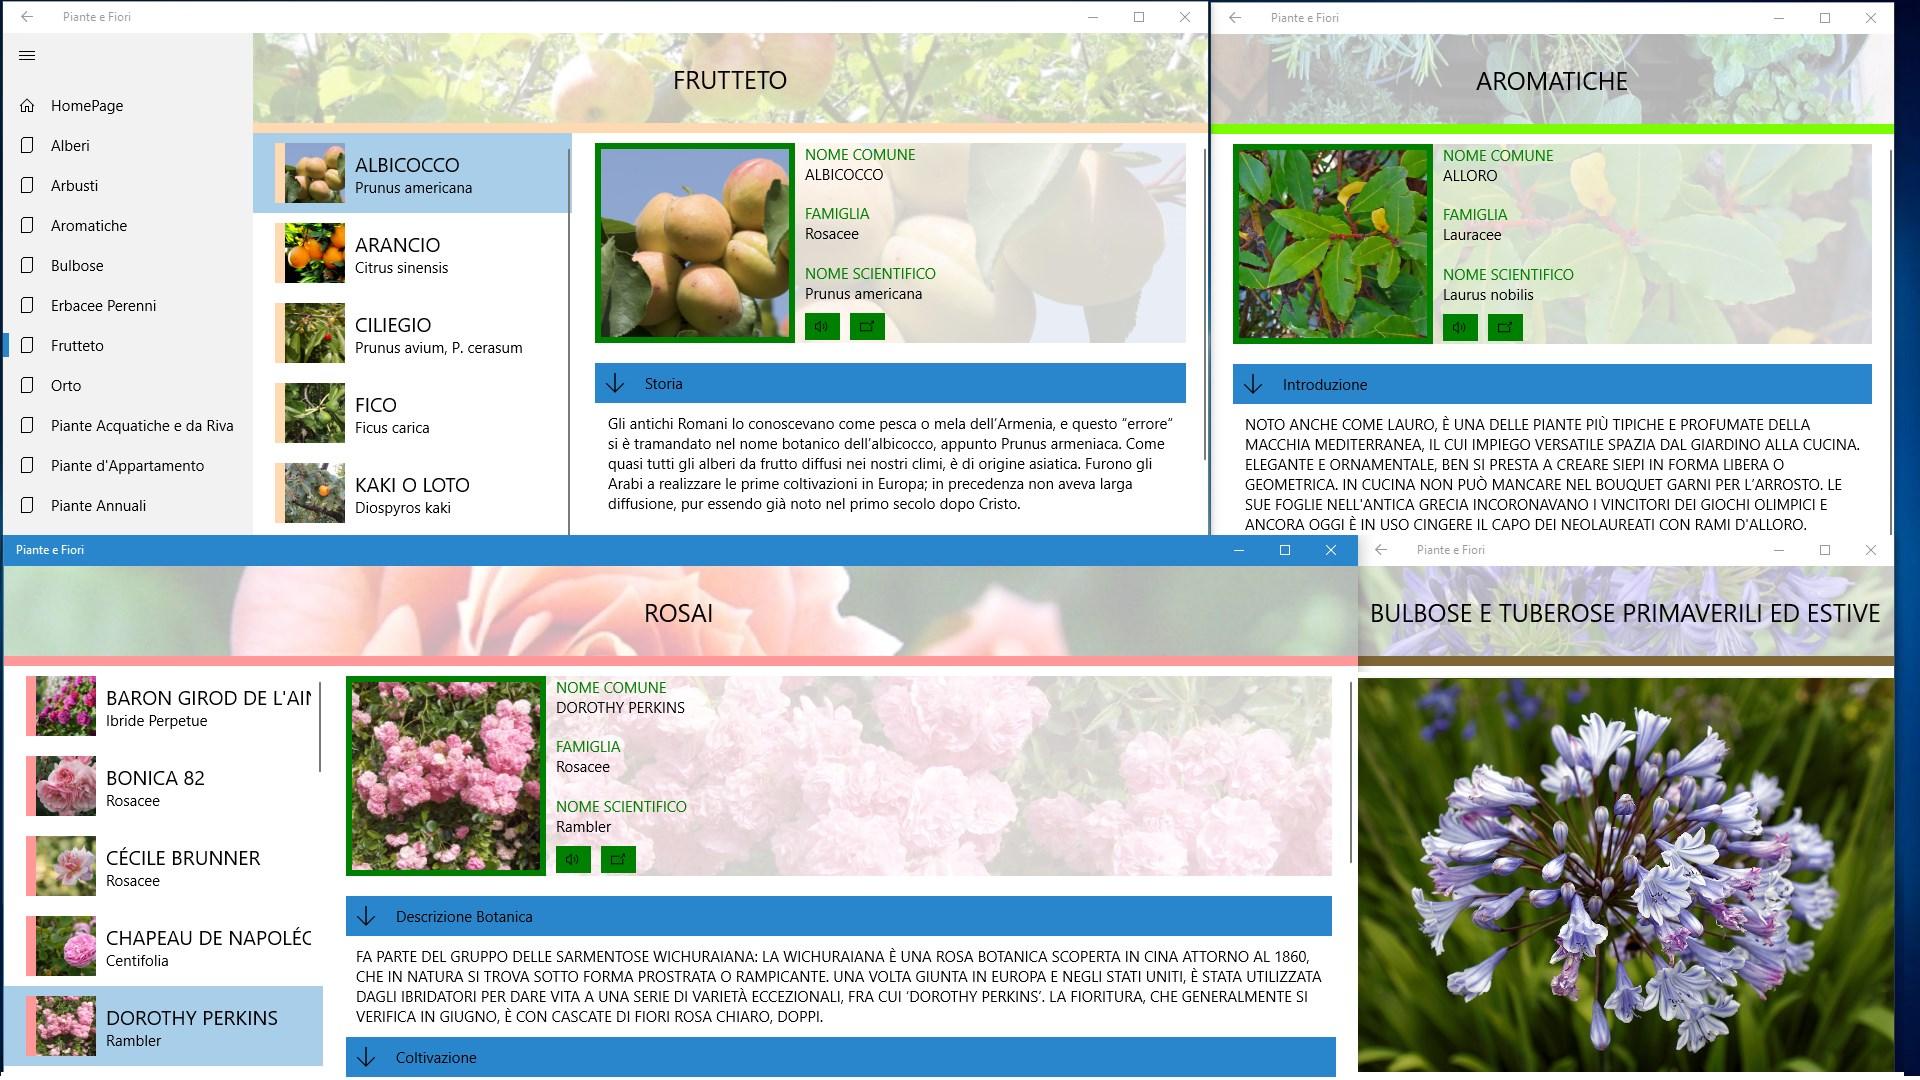 Immagini Piante E Fiori buy piante e fiori - microsoft store